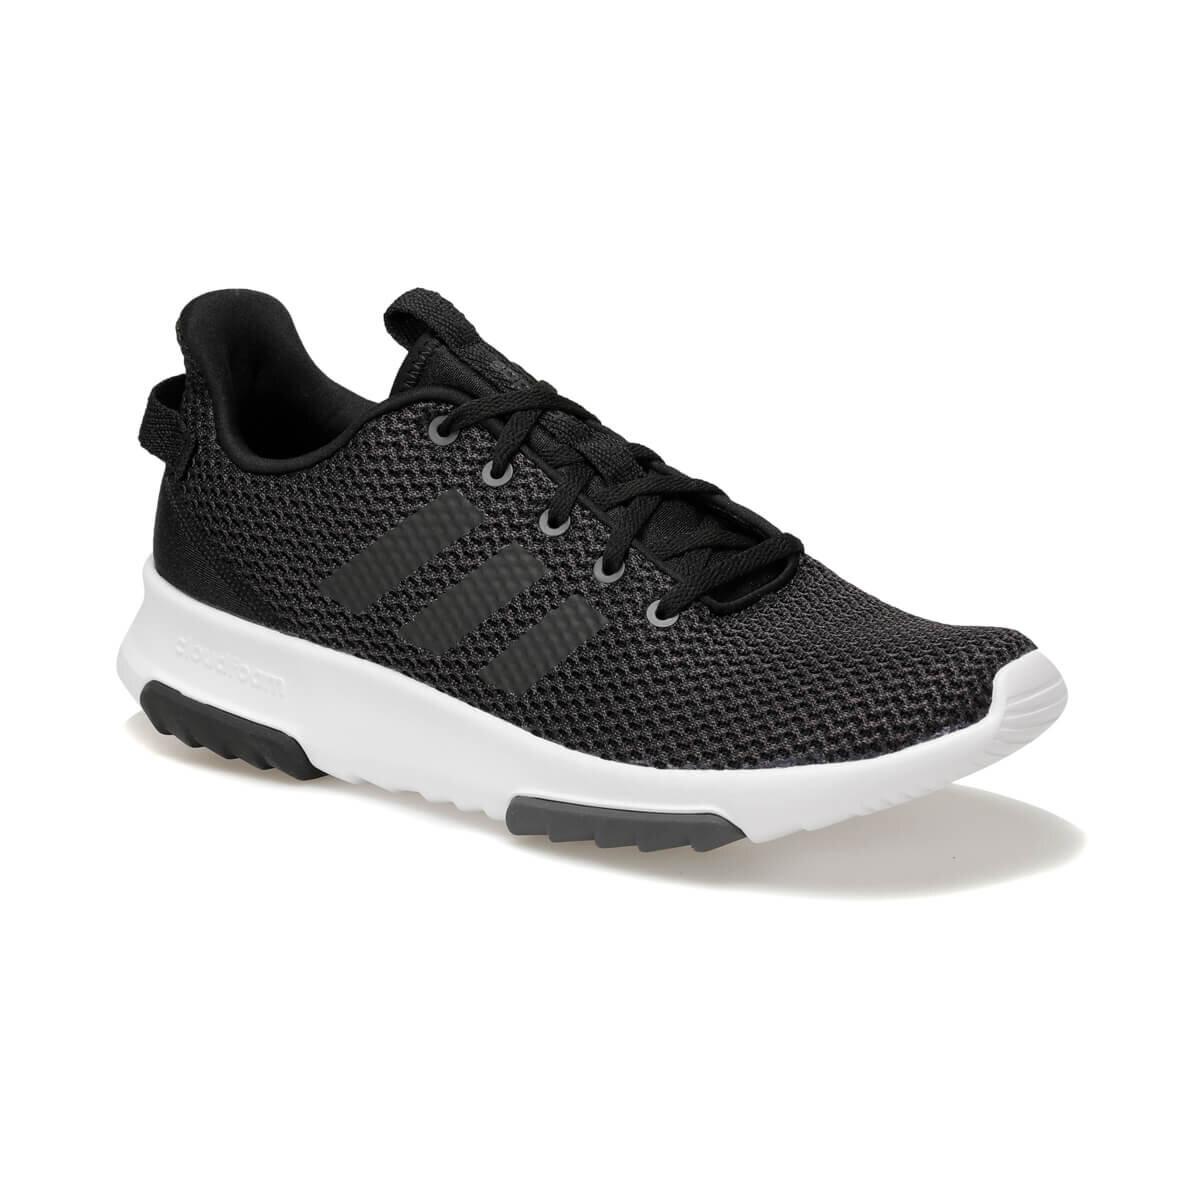 CF RACER TR Siyah Erkek Koşu Ayakkabısı